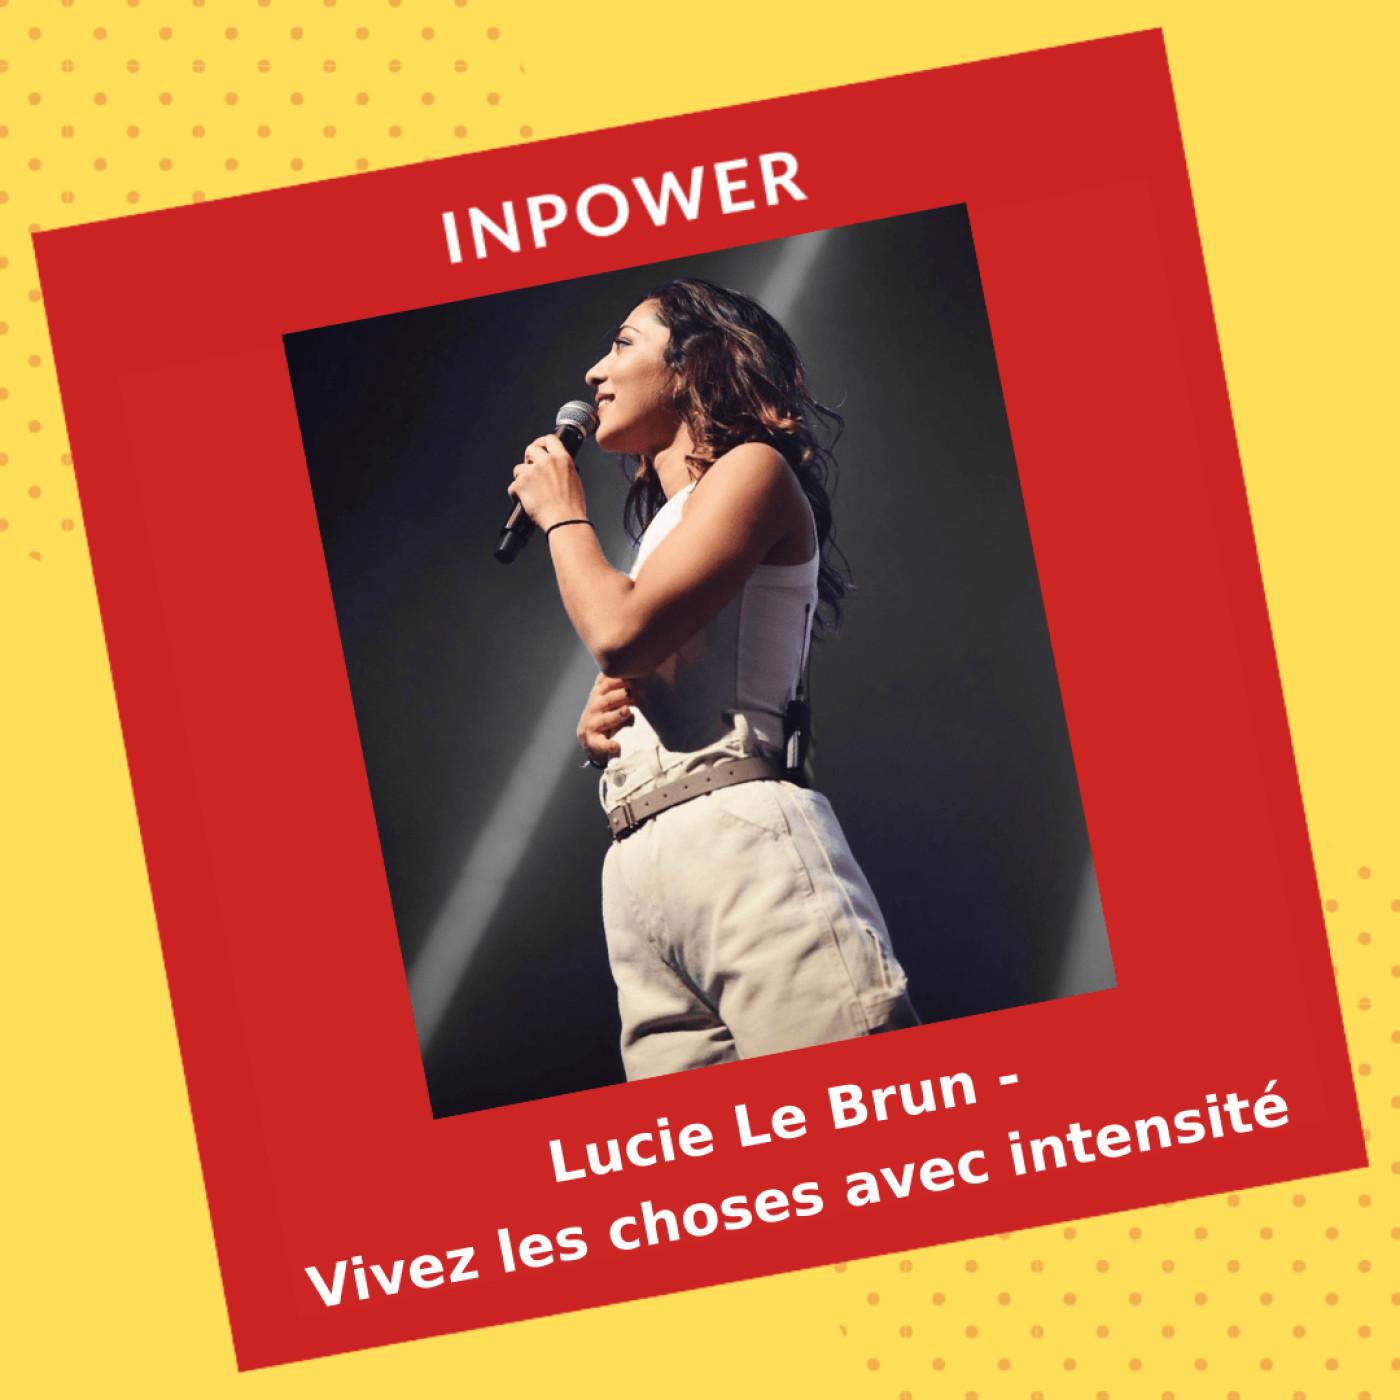 Lucie Le Brun, chanteuse - Vivez les choses avec intensité